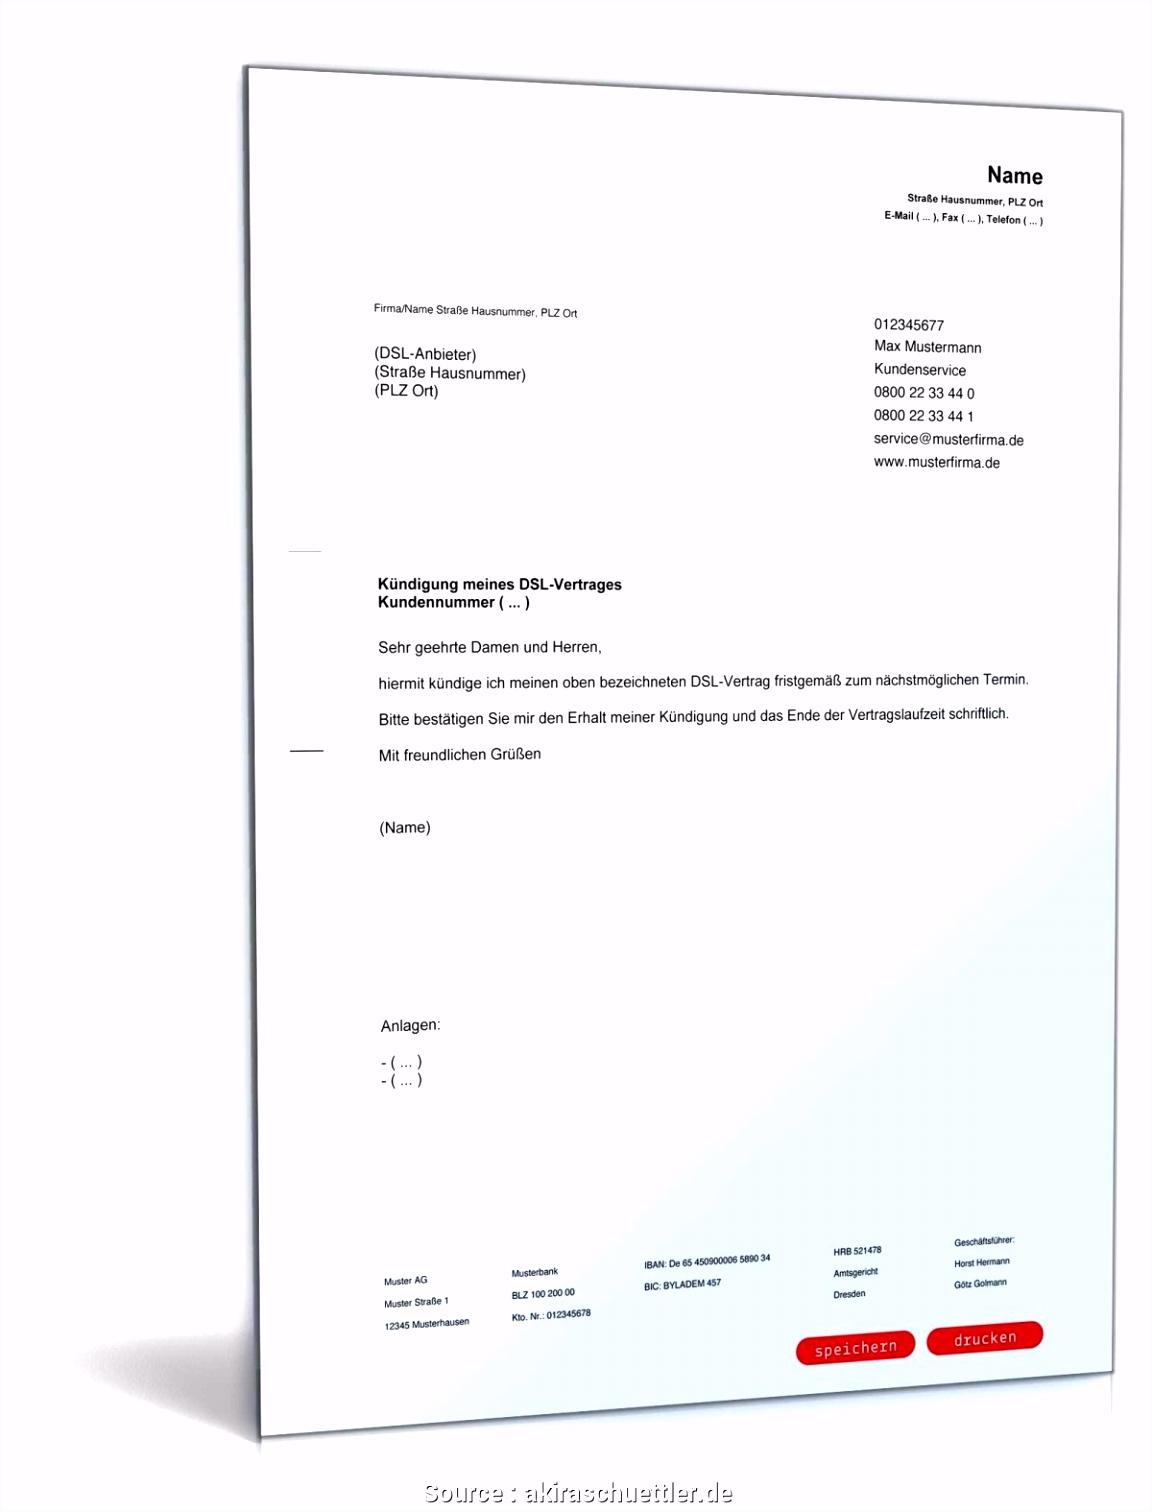 Typisch Muster Kündigung Vertrag 1Und1 Kündigung Vorlage